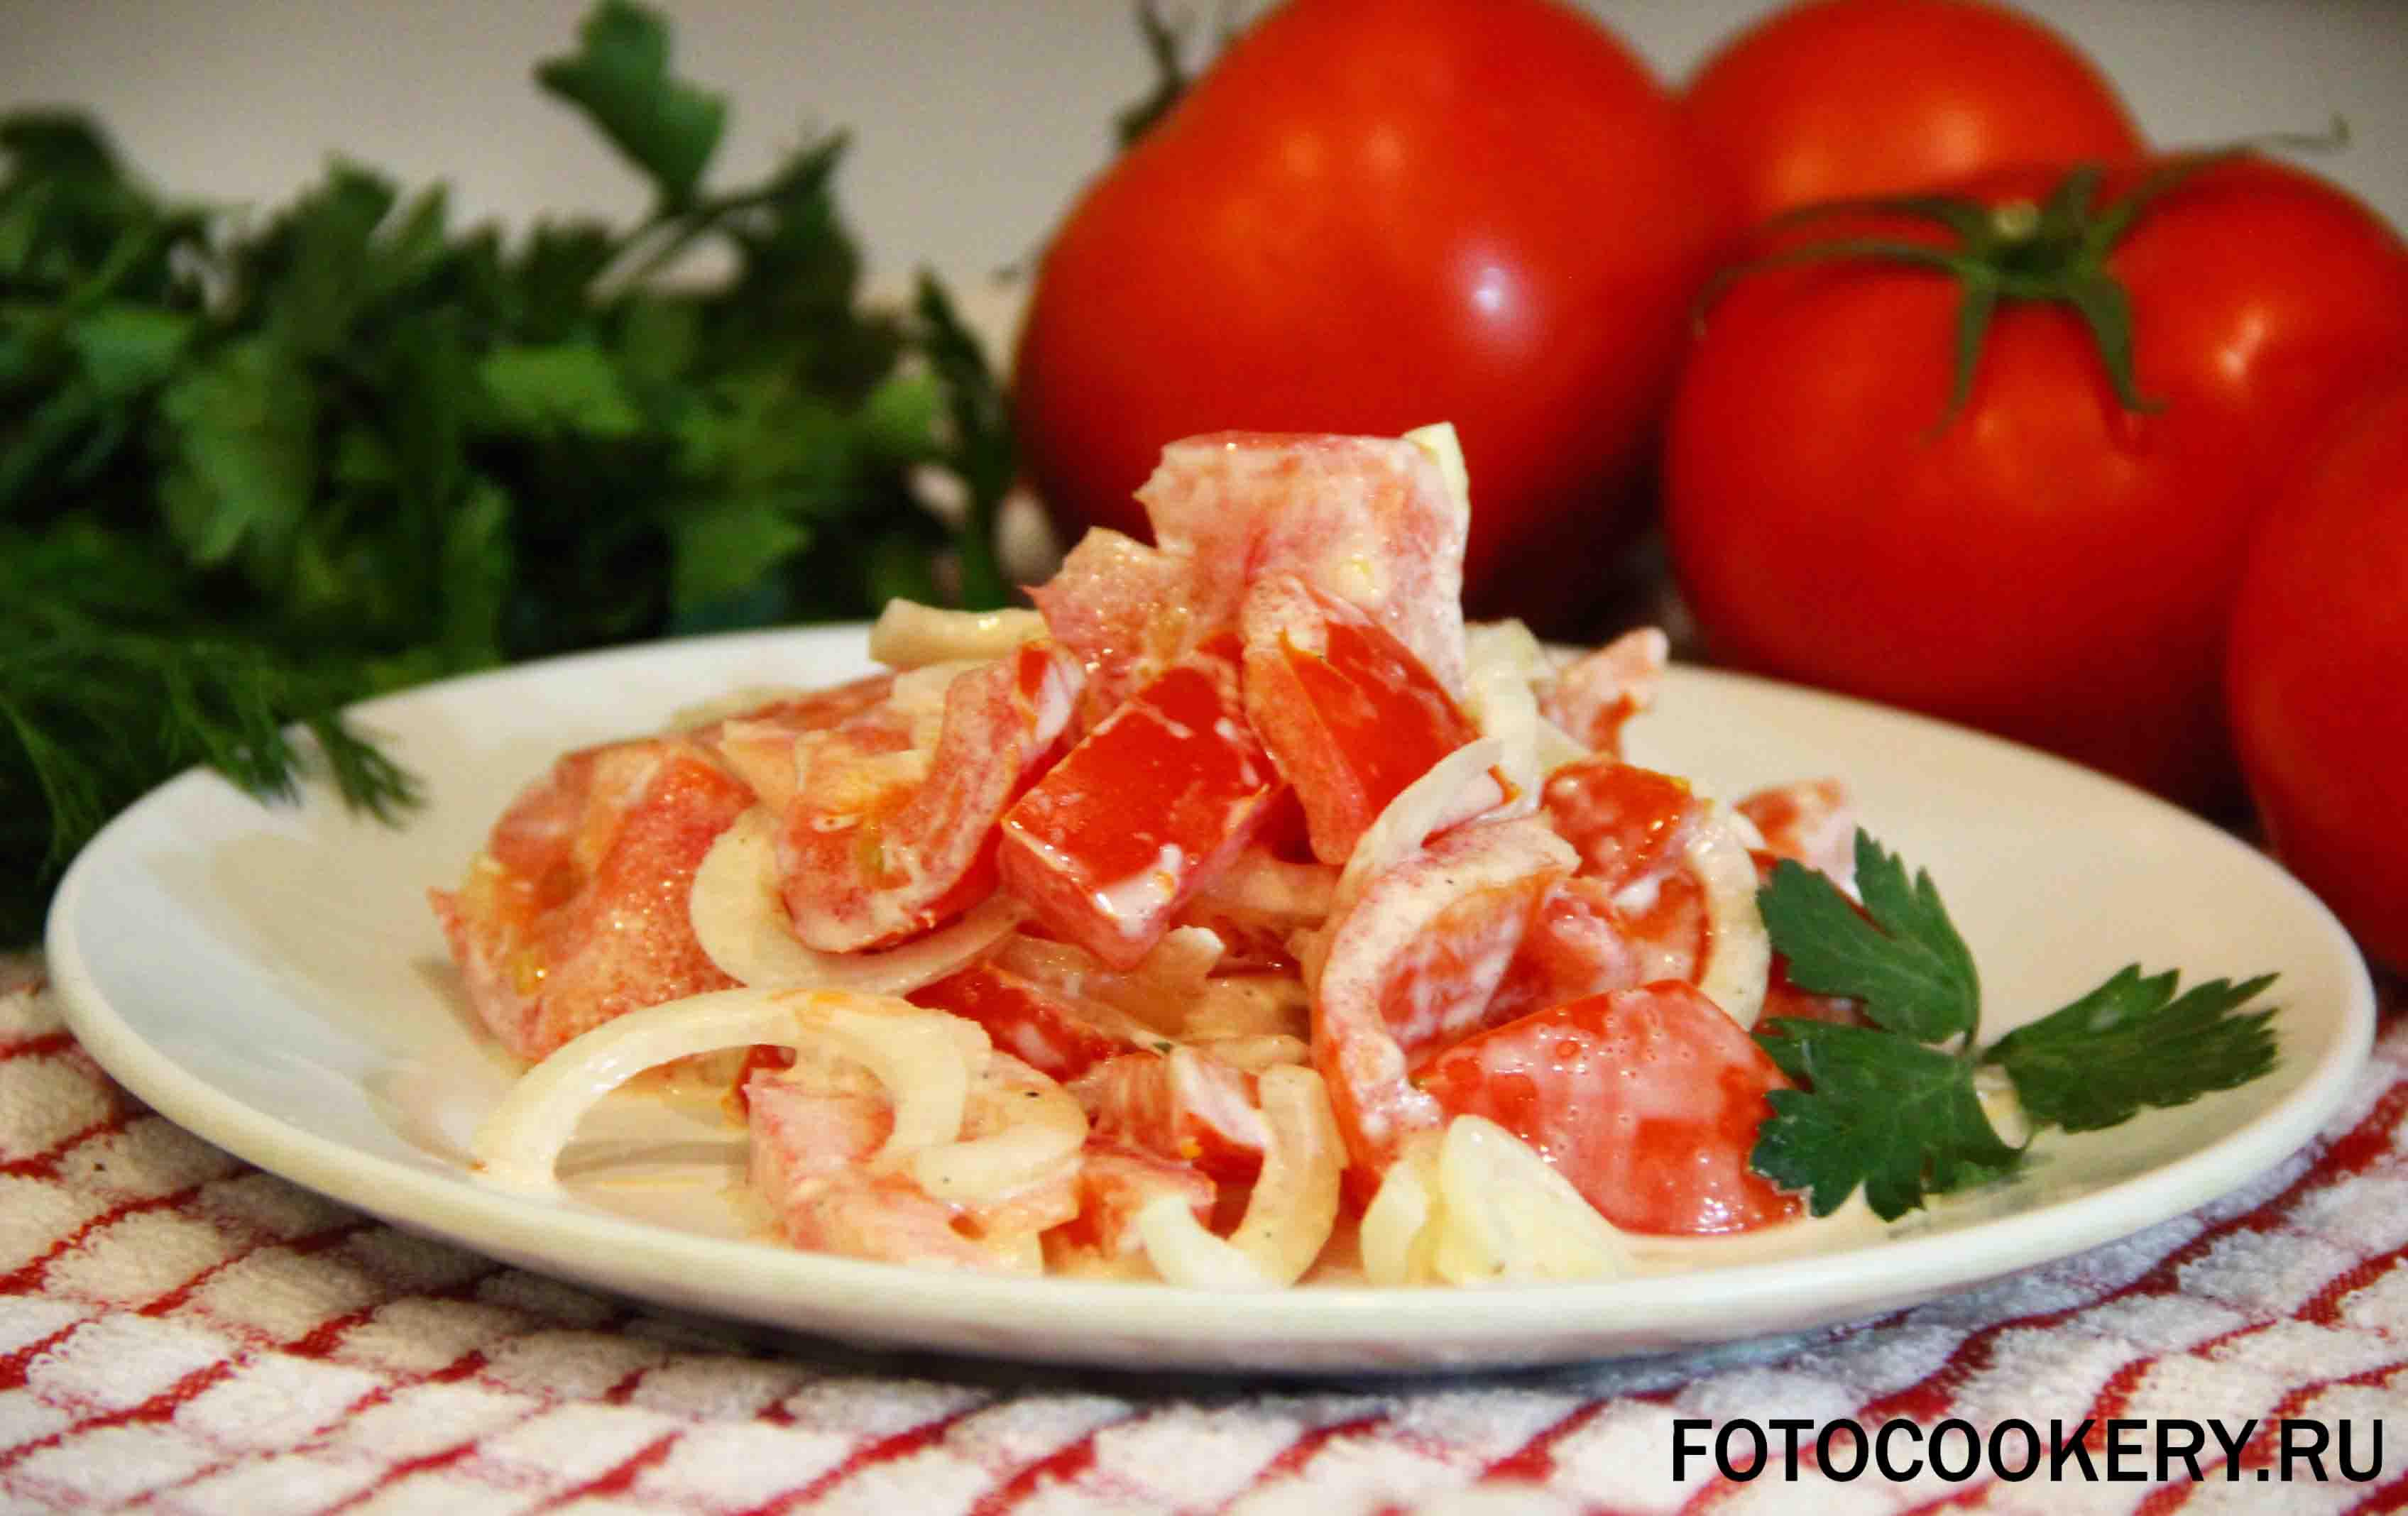 Как сделать салат из помидор и майонеза 962